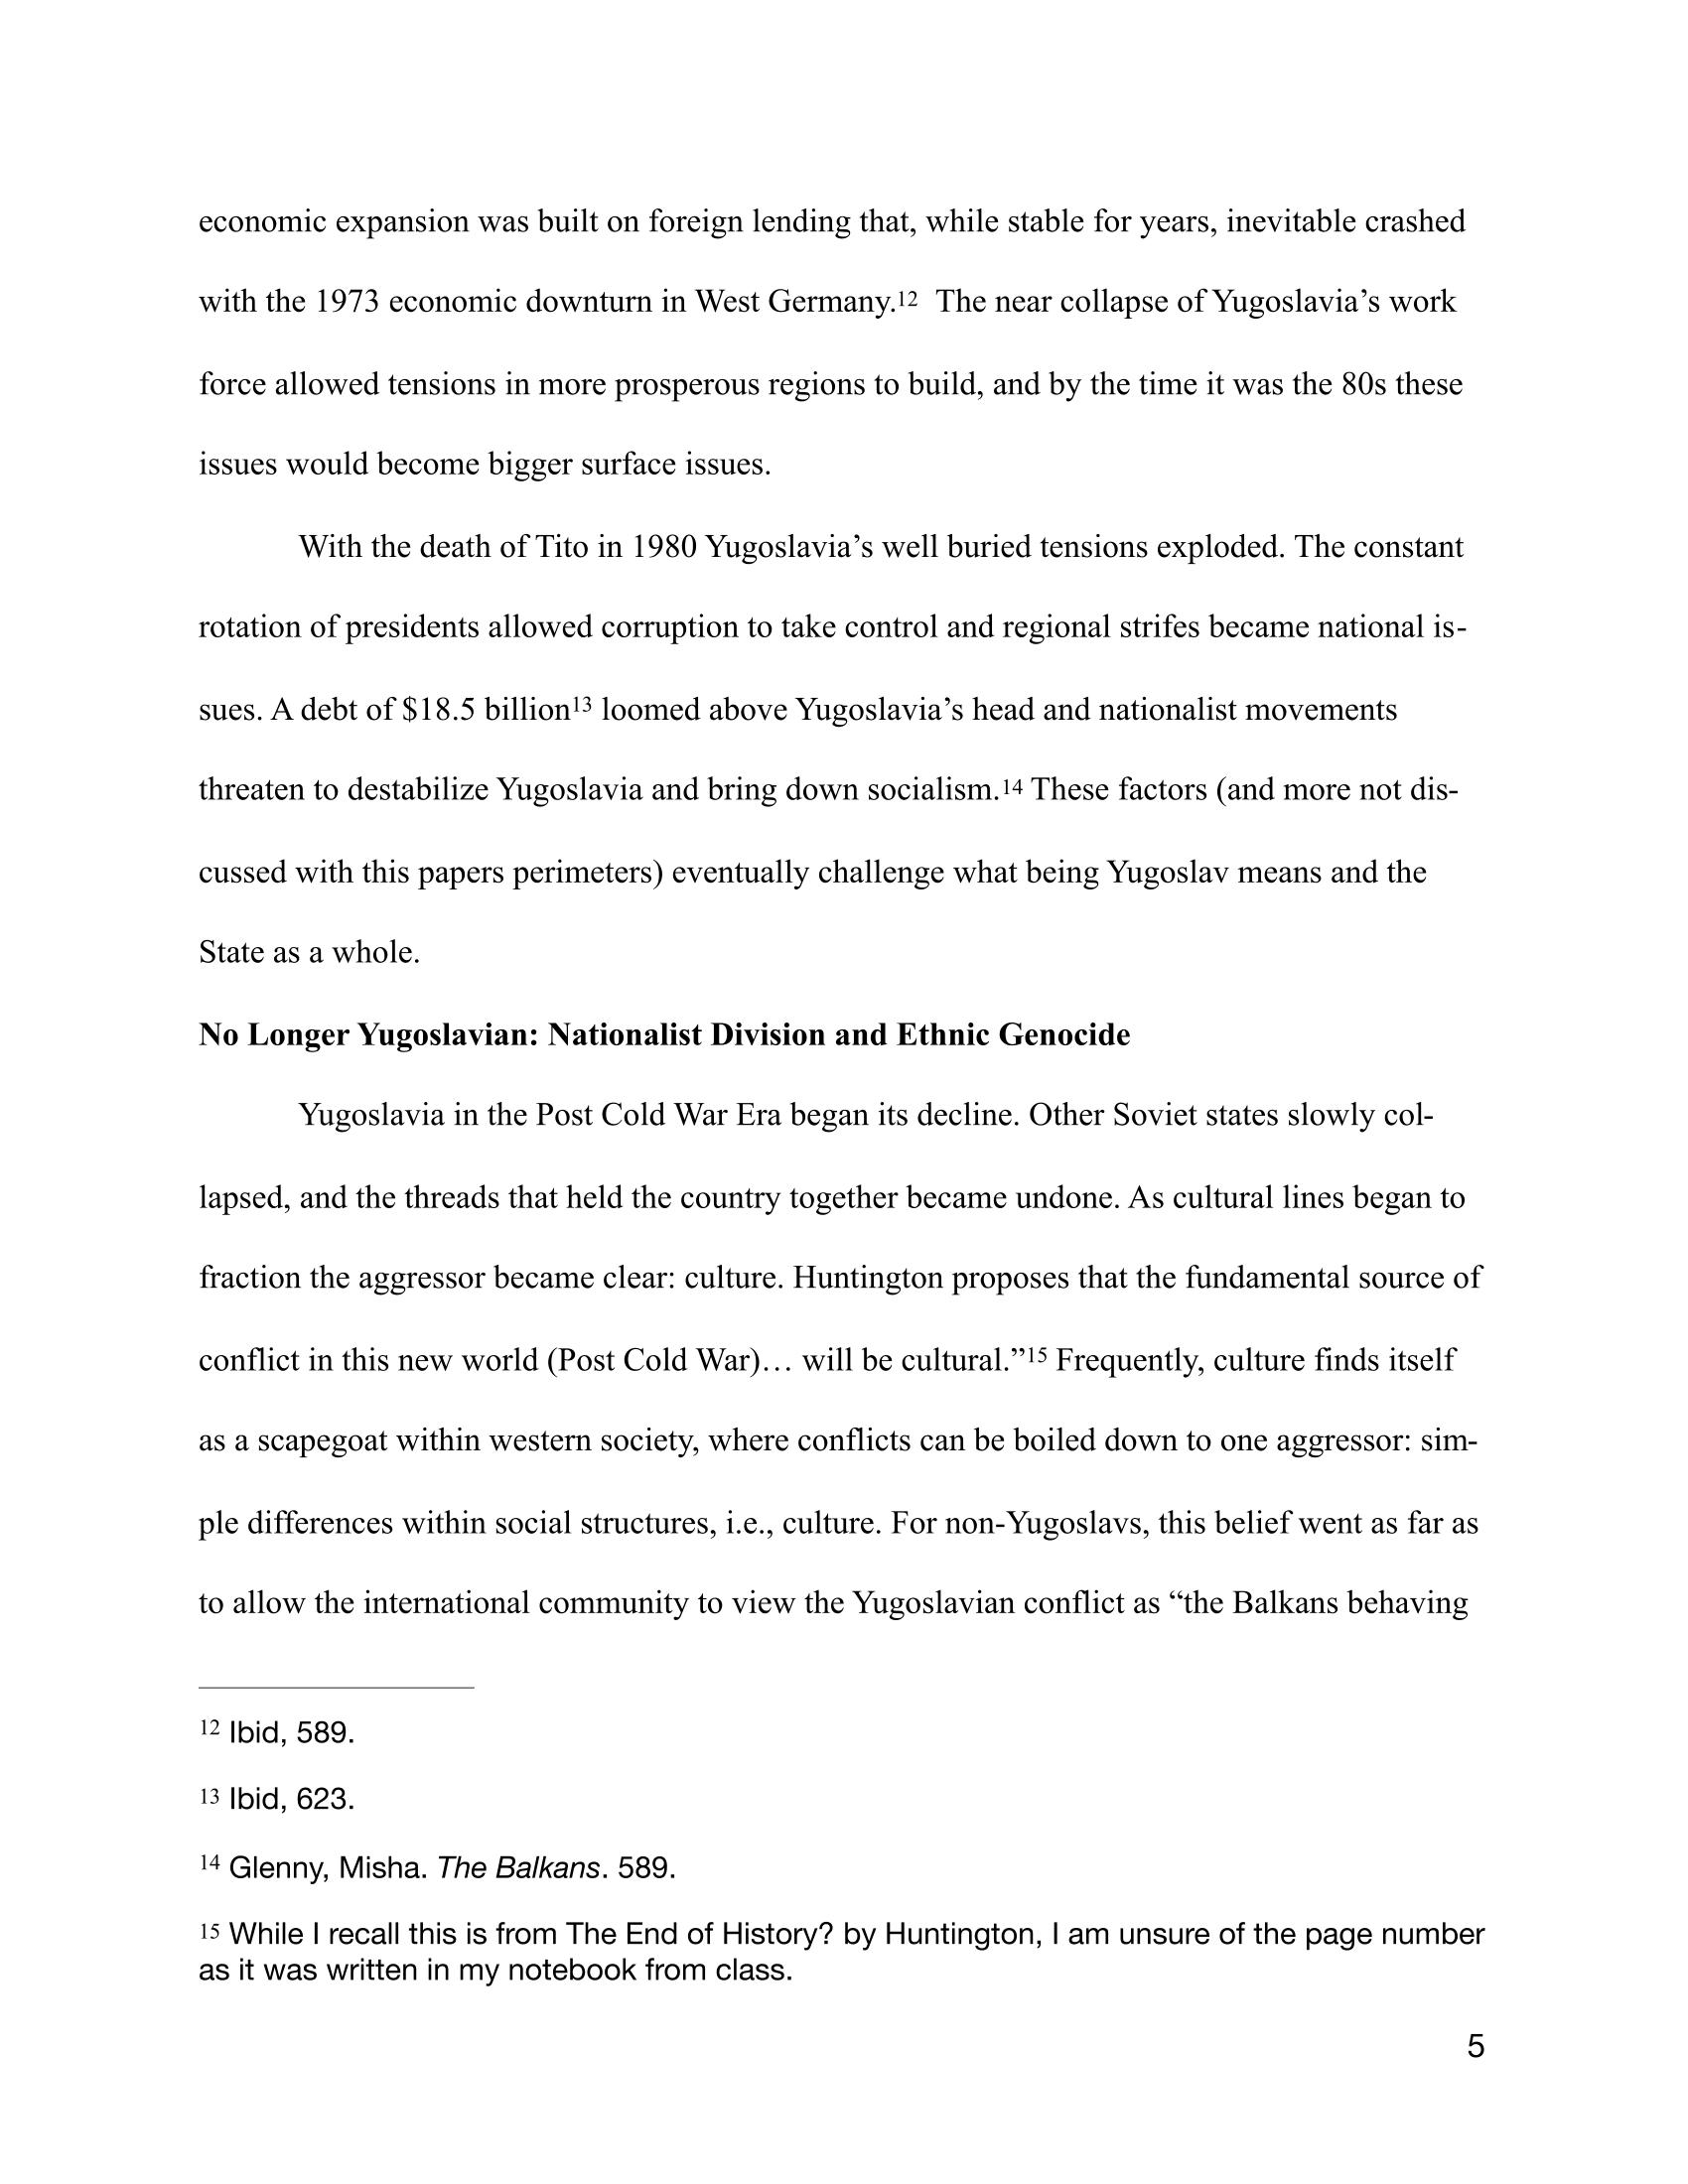 Yugoslavia_Final-Draft_Milner_pdf-05.png